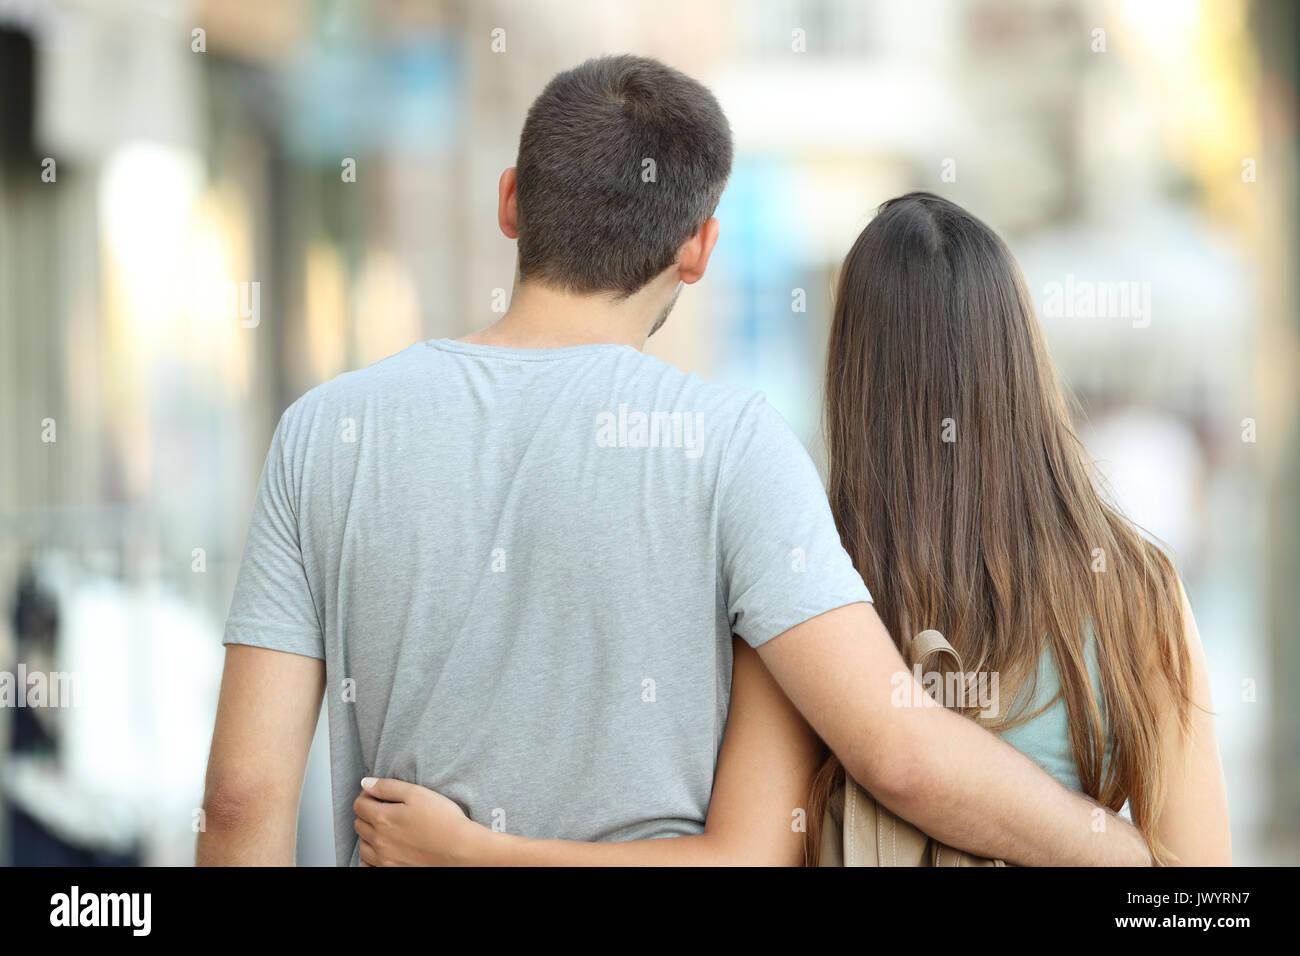 Vue arrière portrait of a casual couple marchant ensemble dans la rue Photo Stock